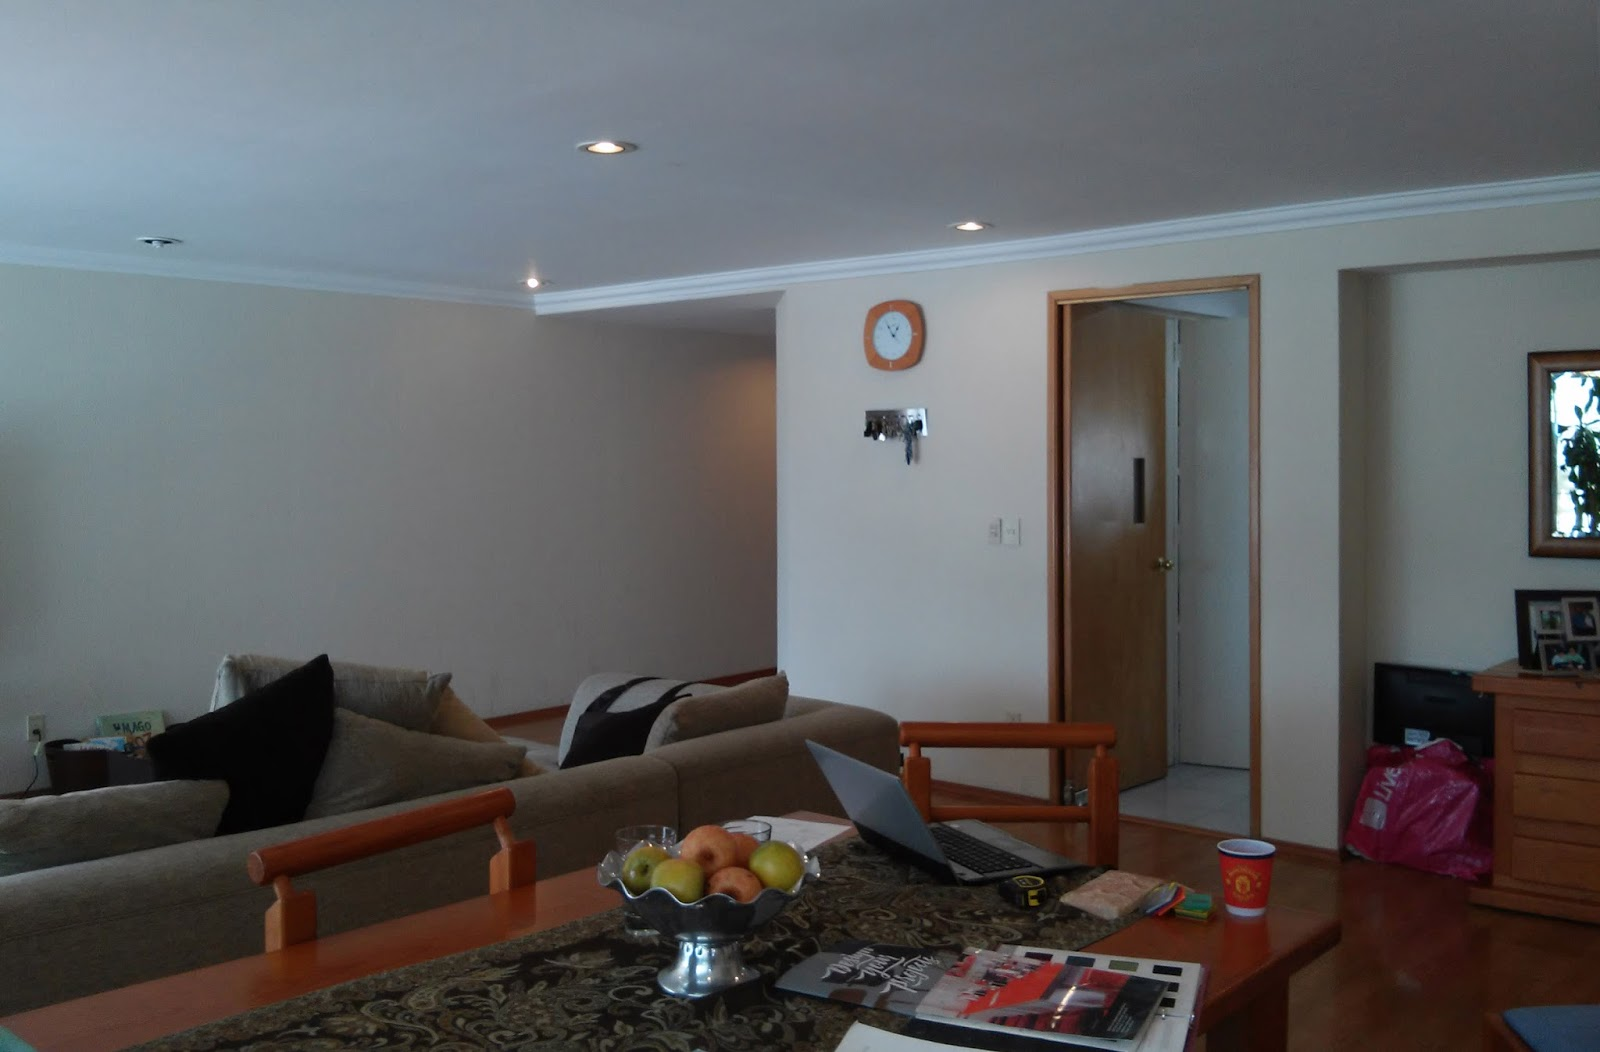 Proyectos de dise o fabricaci n y decoraci n de interiores for Diseno de interiores mexico